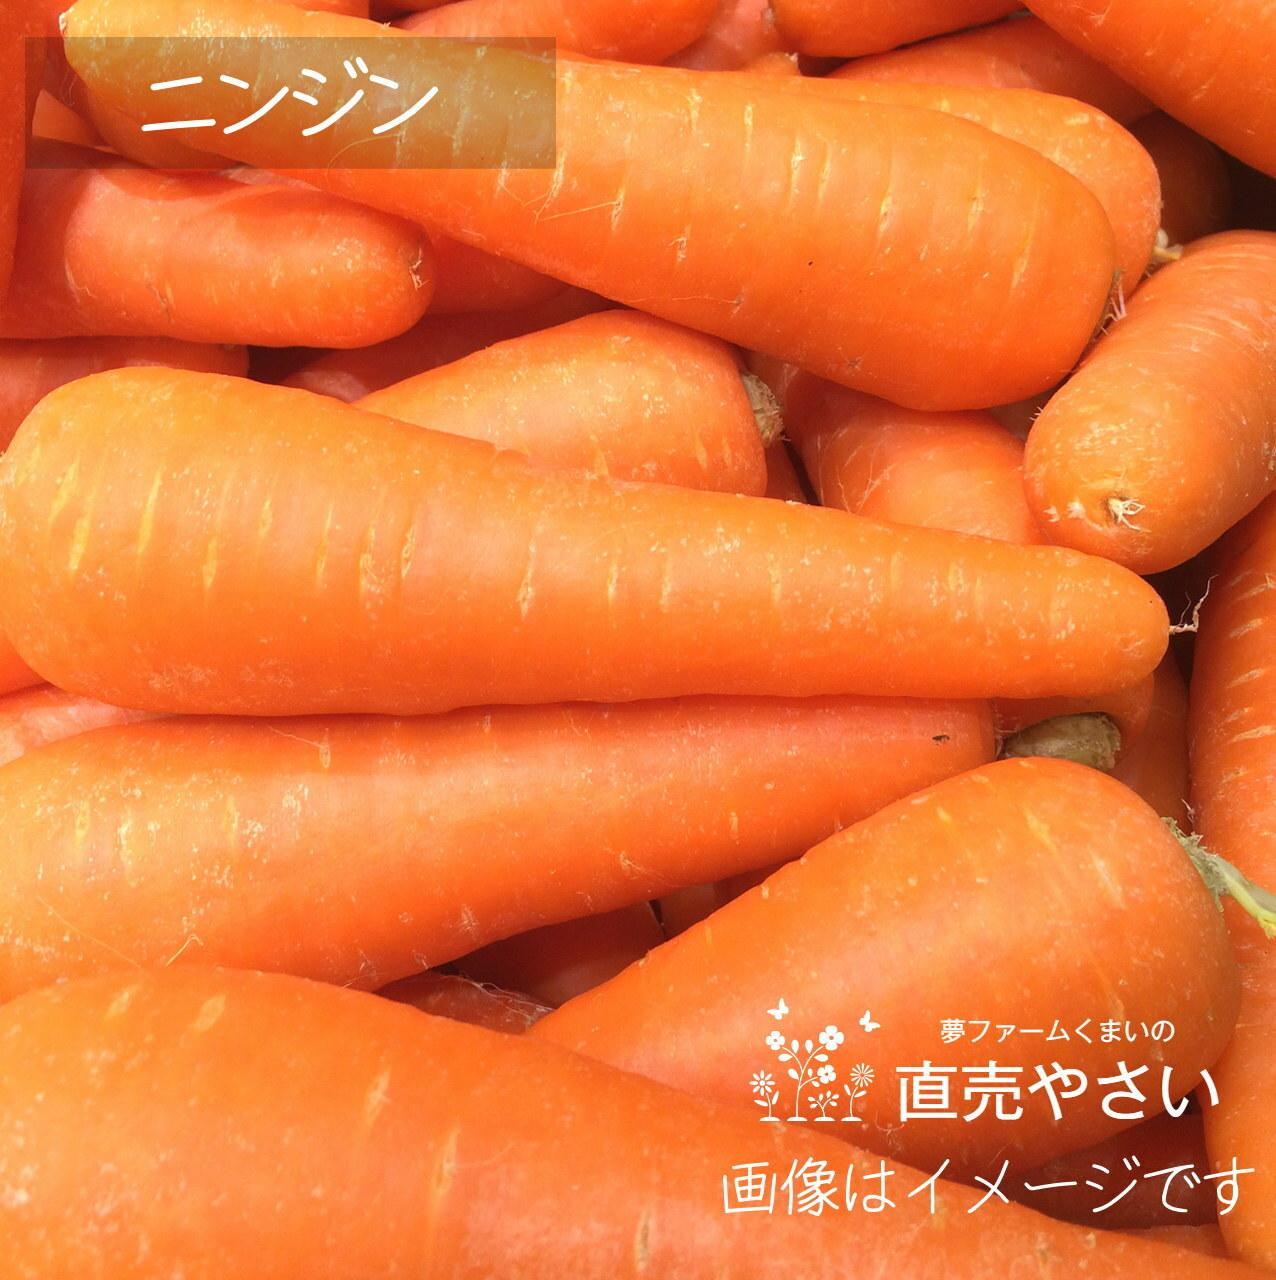 ニンジン 約400g  朝採り直売野菜 7月の新鮮な夏野菜  7月10日発送予定